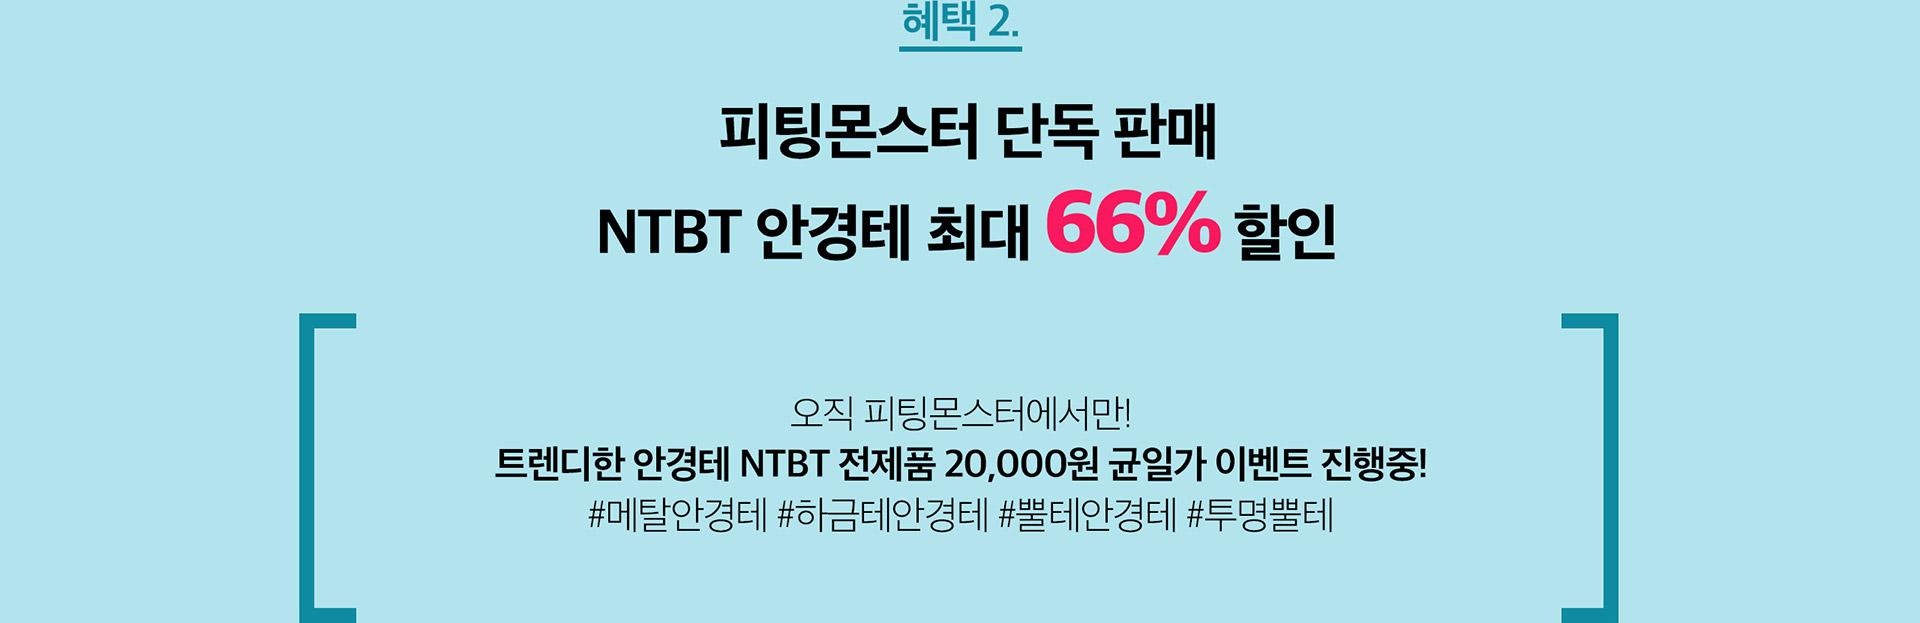 혜택2. 피팅몬스터 단독 판매 NTBT 안경테 최대 66% 할인